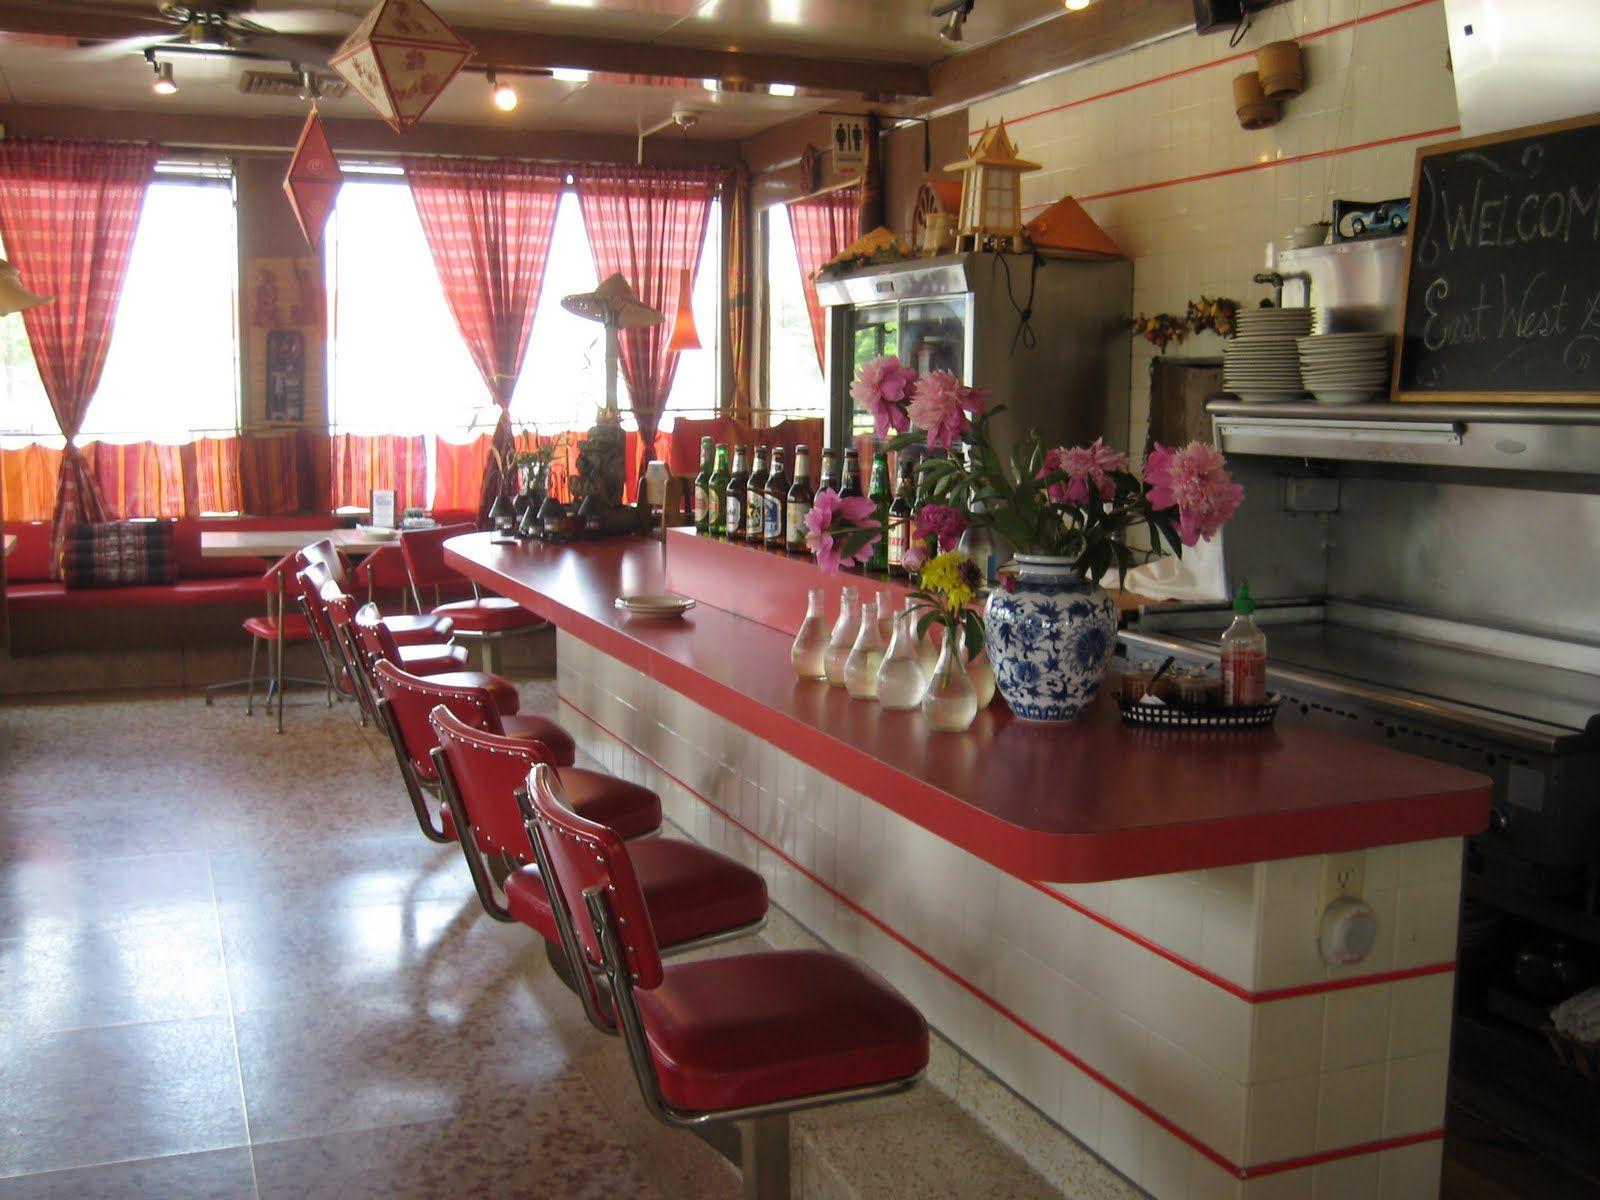 Retro Diner In West Hartford Ct Diner Decor Retro Diner Diner